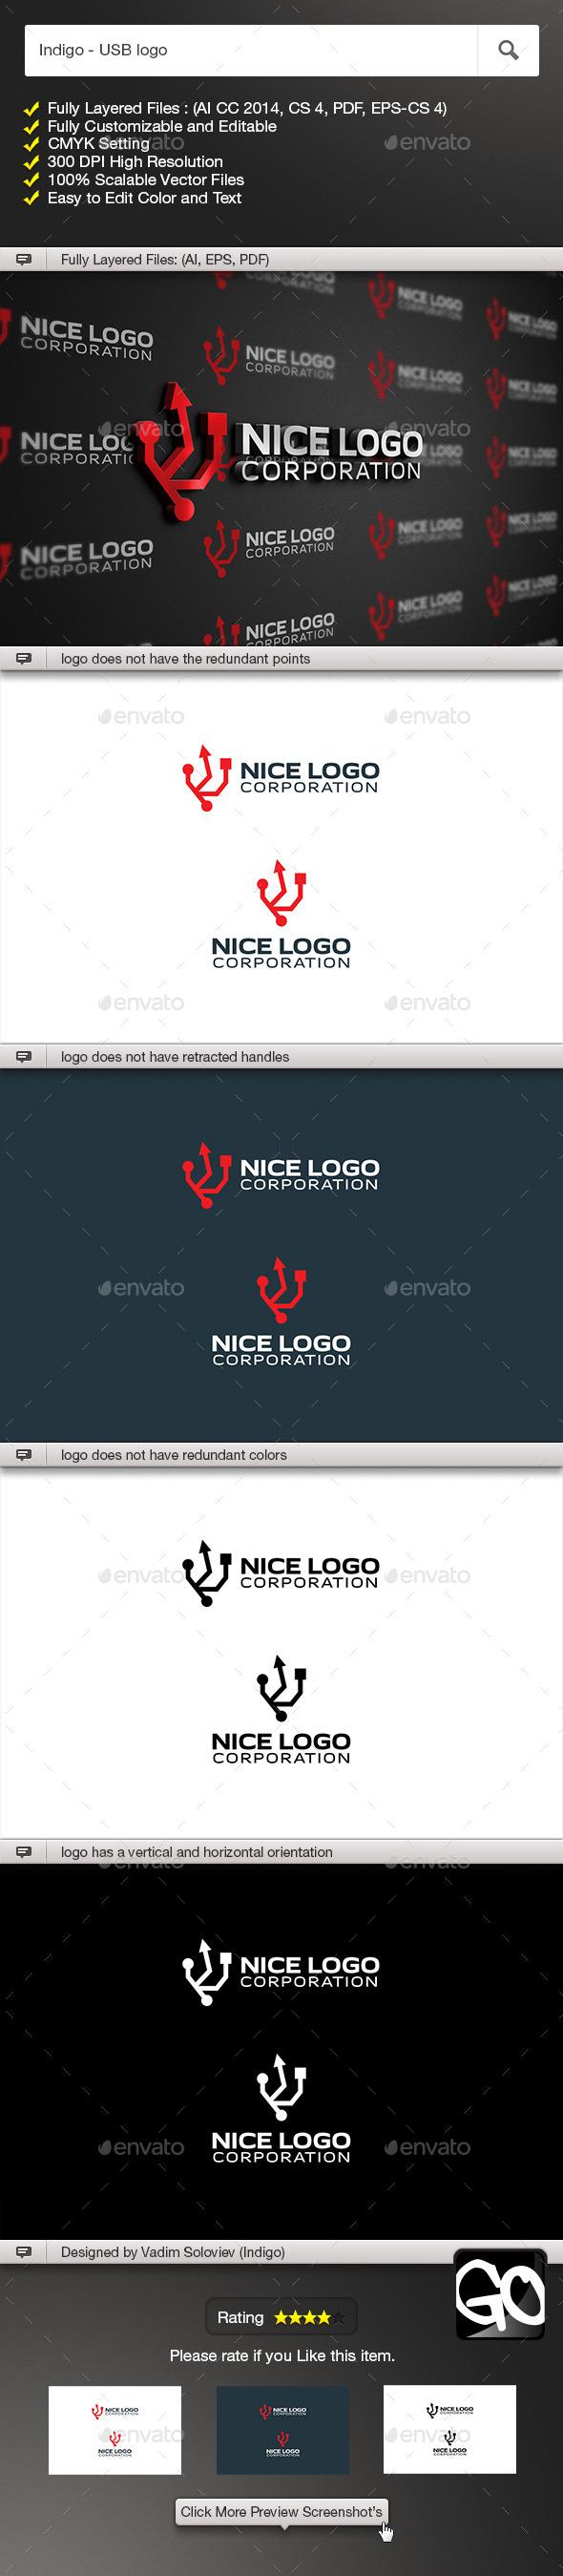 GraphicRiver Indigo USB logo 11778922